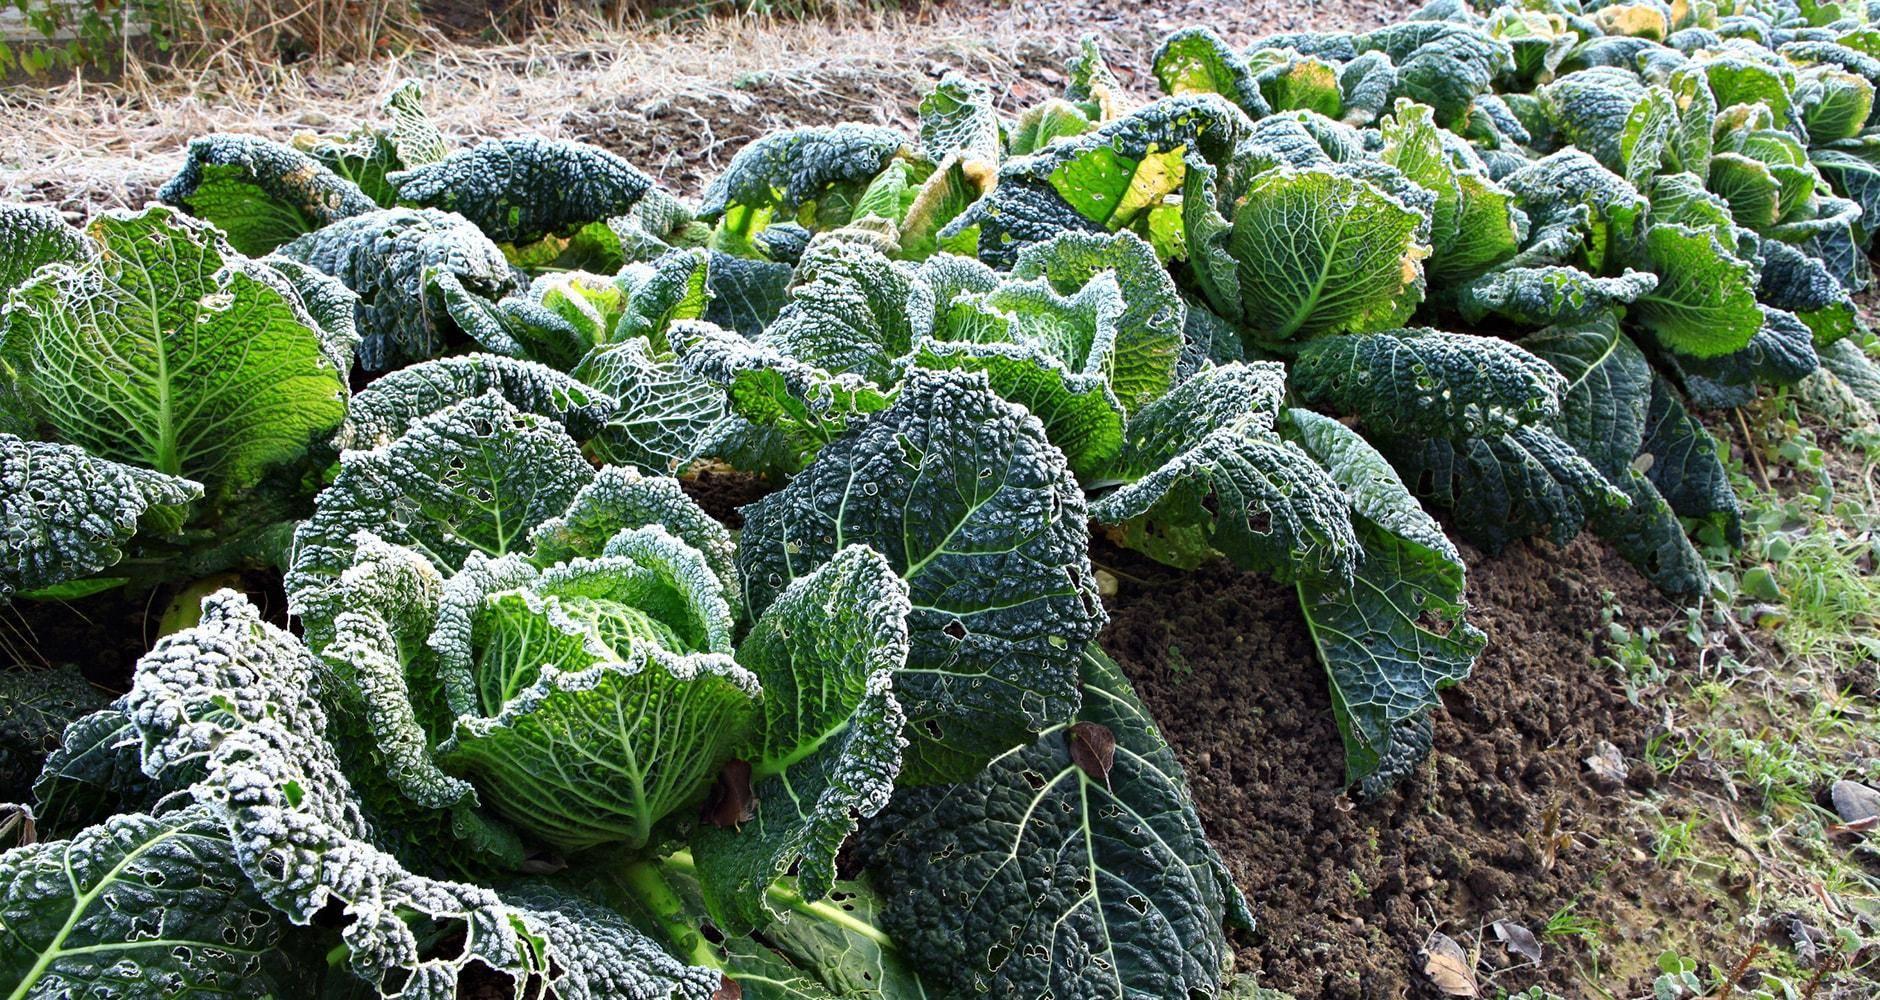 Как сажать савойскую капусту в открытом грунте: технология и агротехника, видео и фото